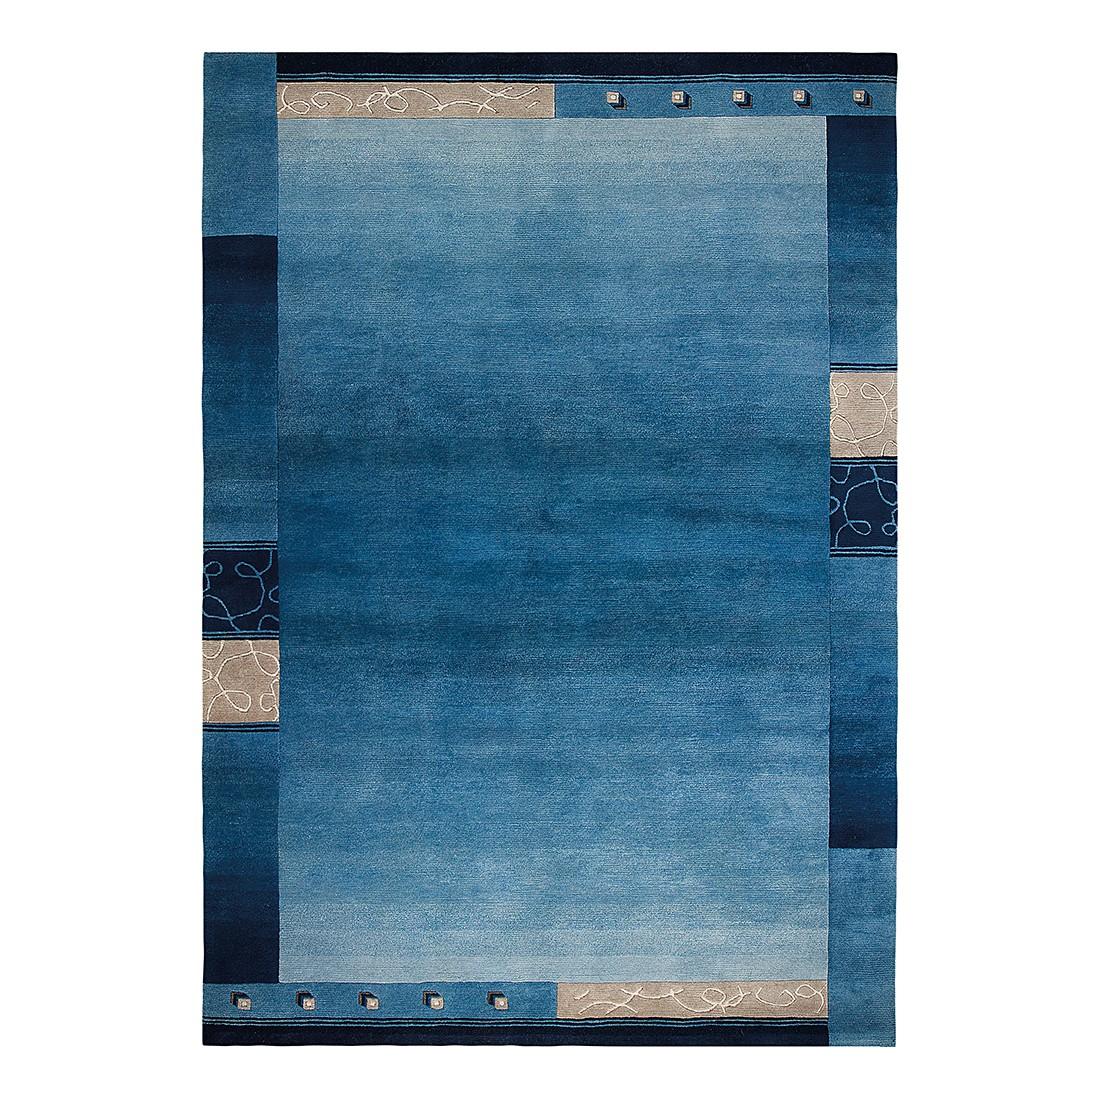 Teppich Super Q - Wolle/ Blau - 170 cm x 240 cm, Luxor living